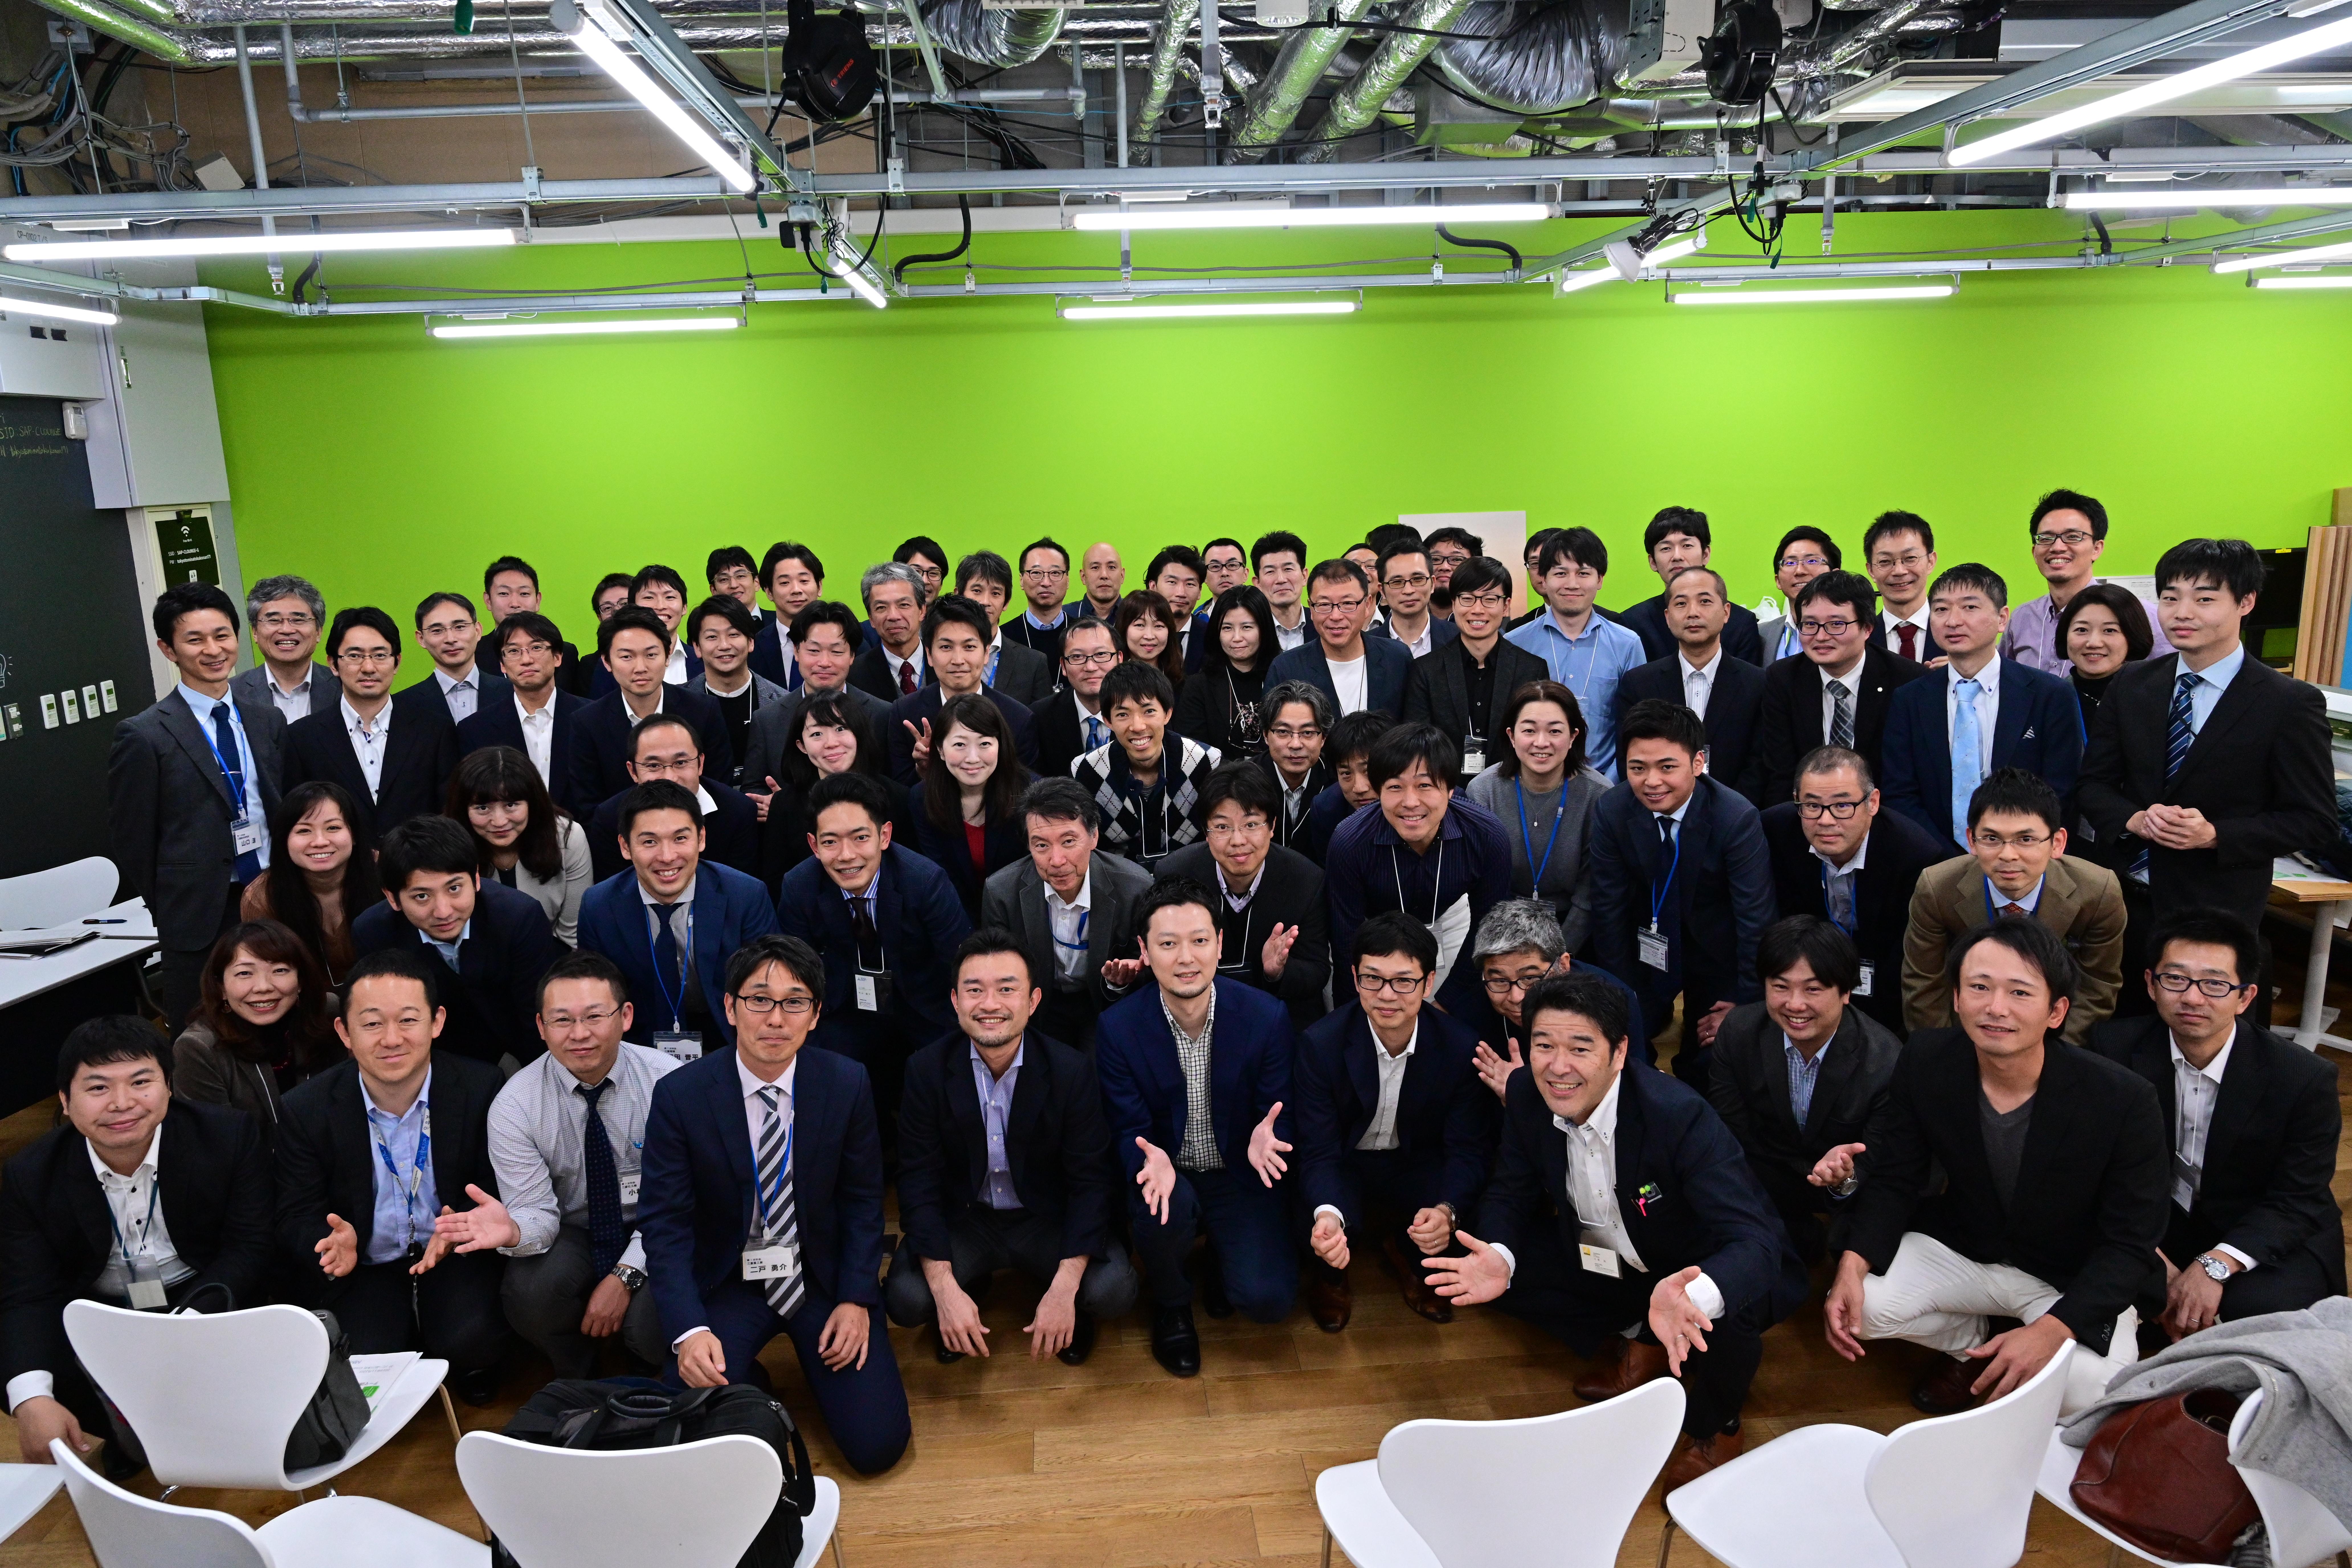 説明会に参加した三菱マーケティング研究会の皆さまとSSAP代表・アクセラレーター